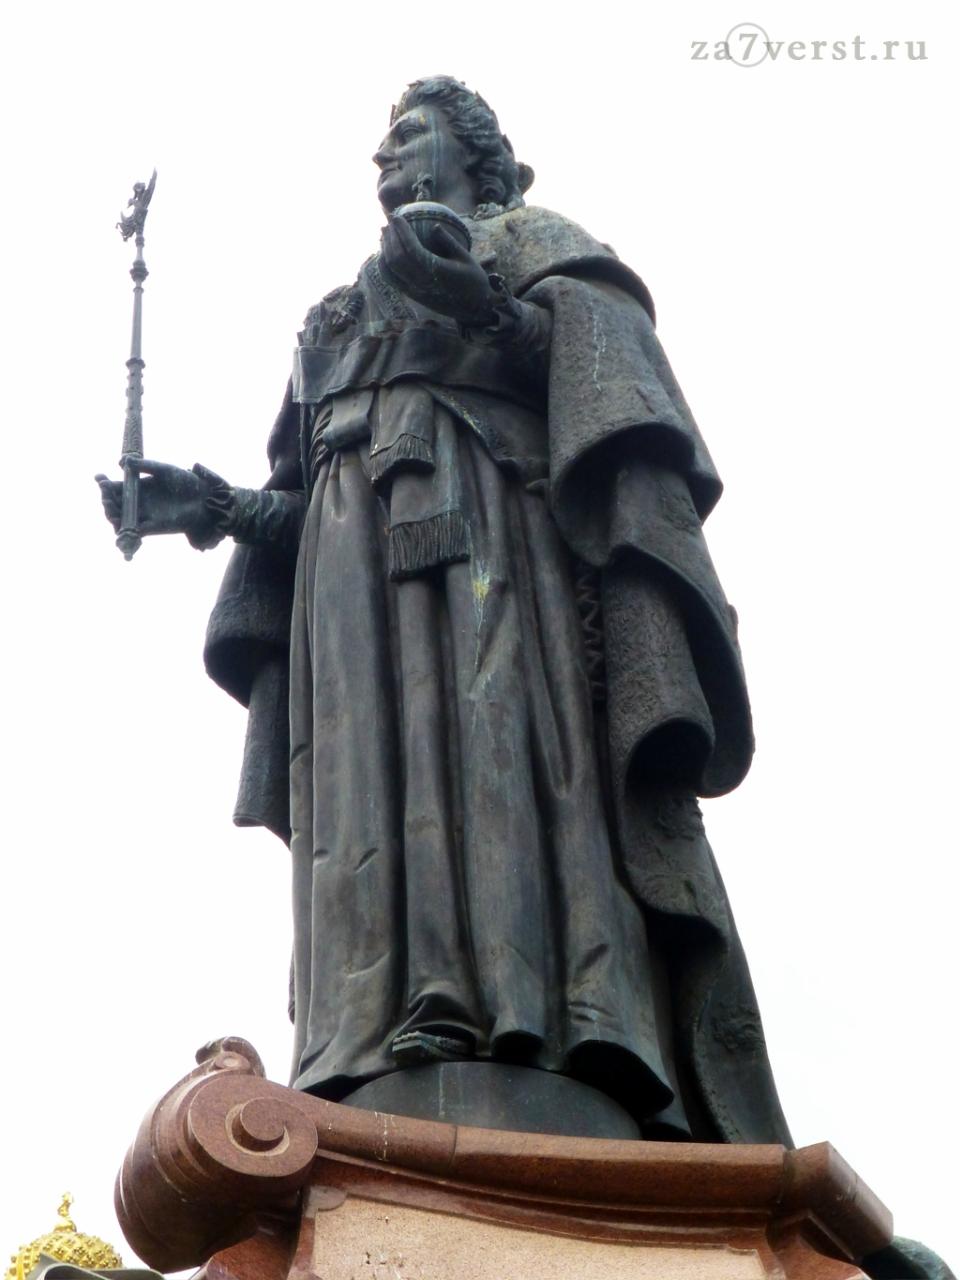 Краснодар, Памятник Екатерине Великой в Екатерининском сквере, статуя Екатерины